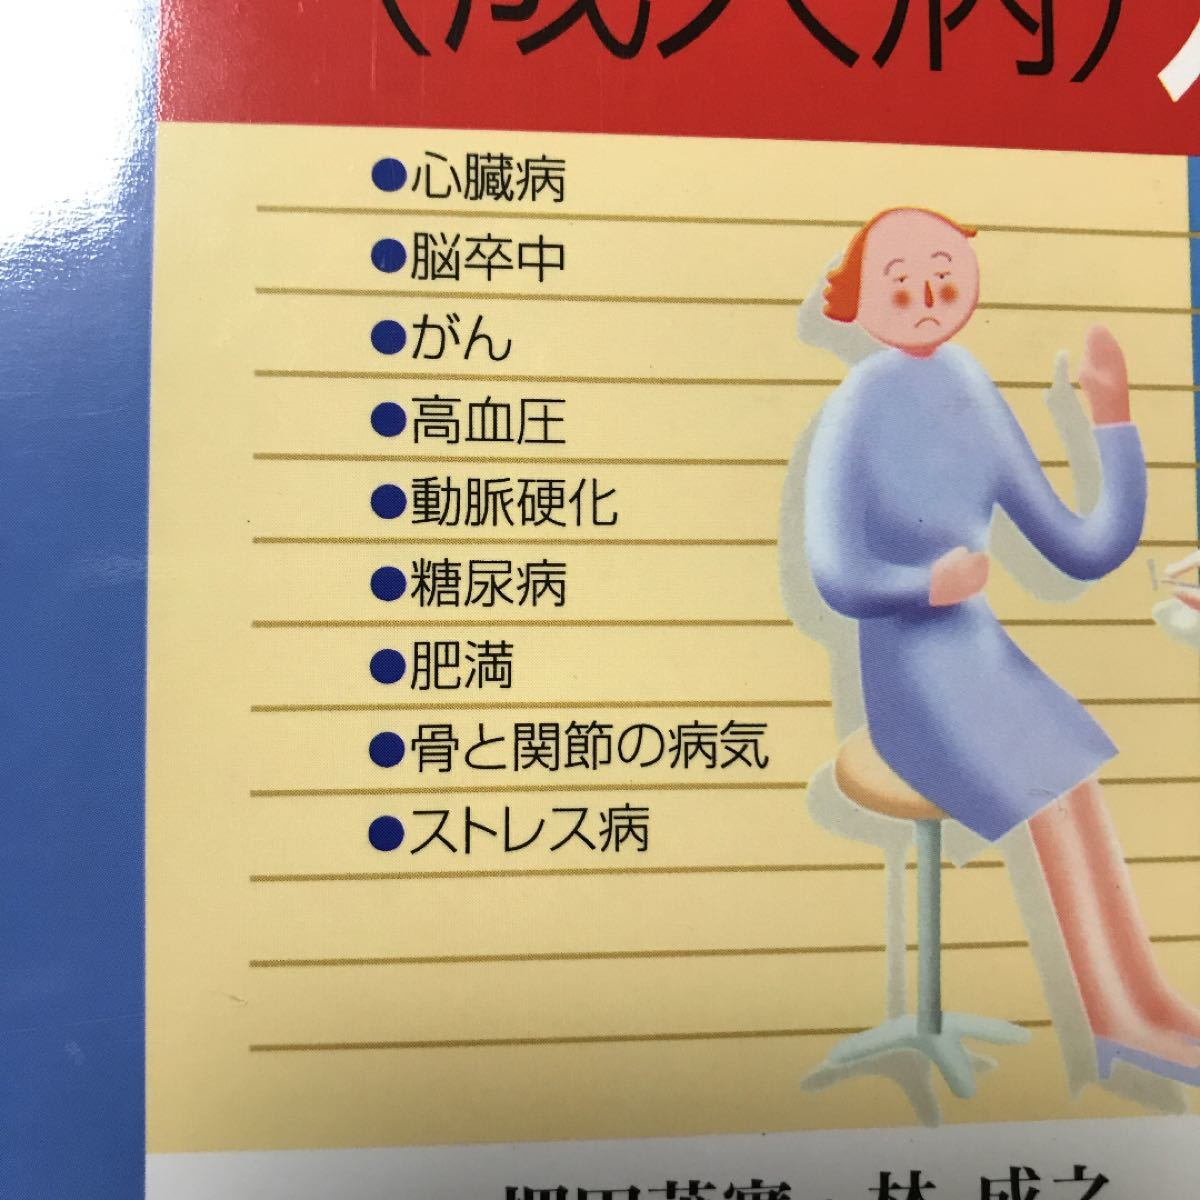 問題集救急看護119番と生活習慣病(成人病)対策